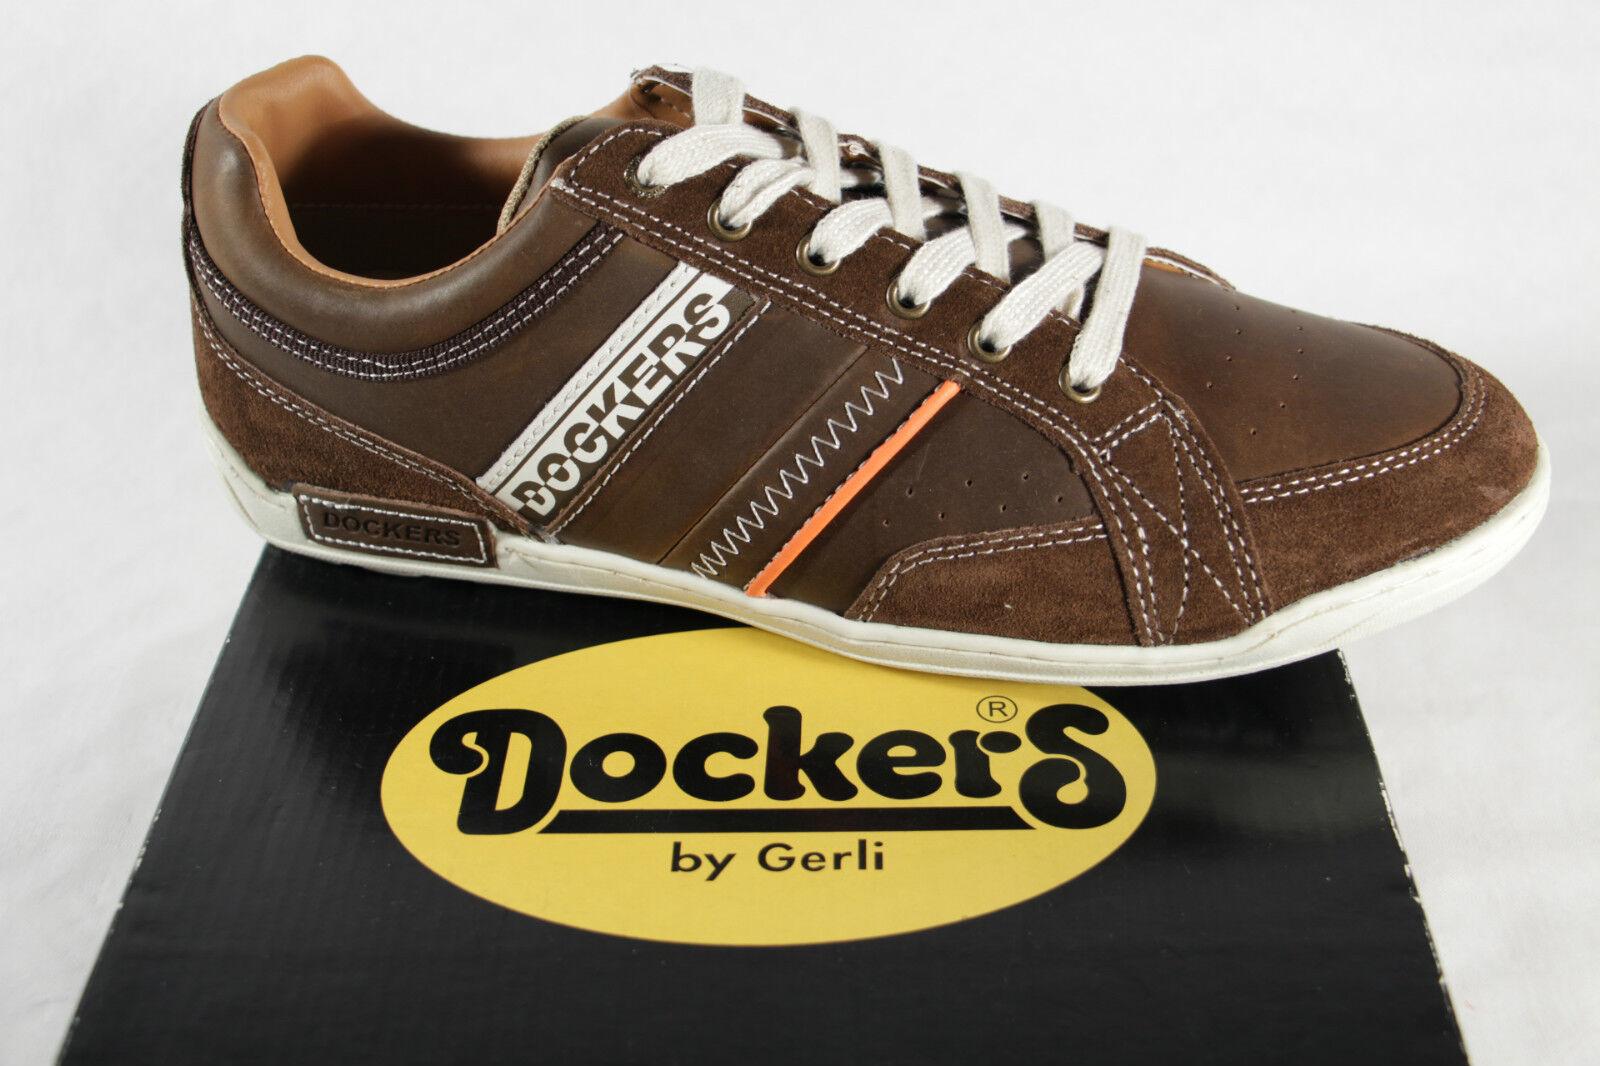 Dockers Hombre Cordones,Marrón,para Suelto Apto Plantillas,Piel,32CE016 ¡Nuevo